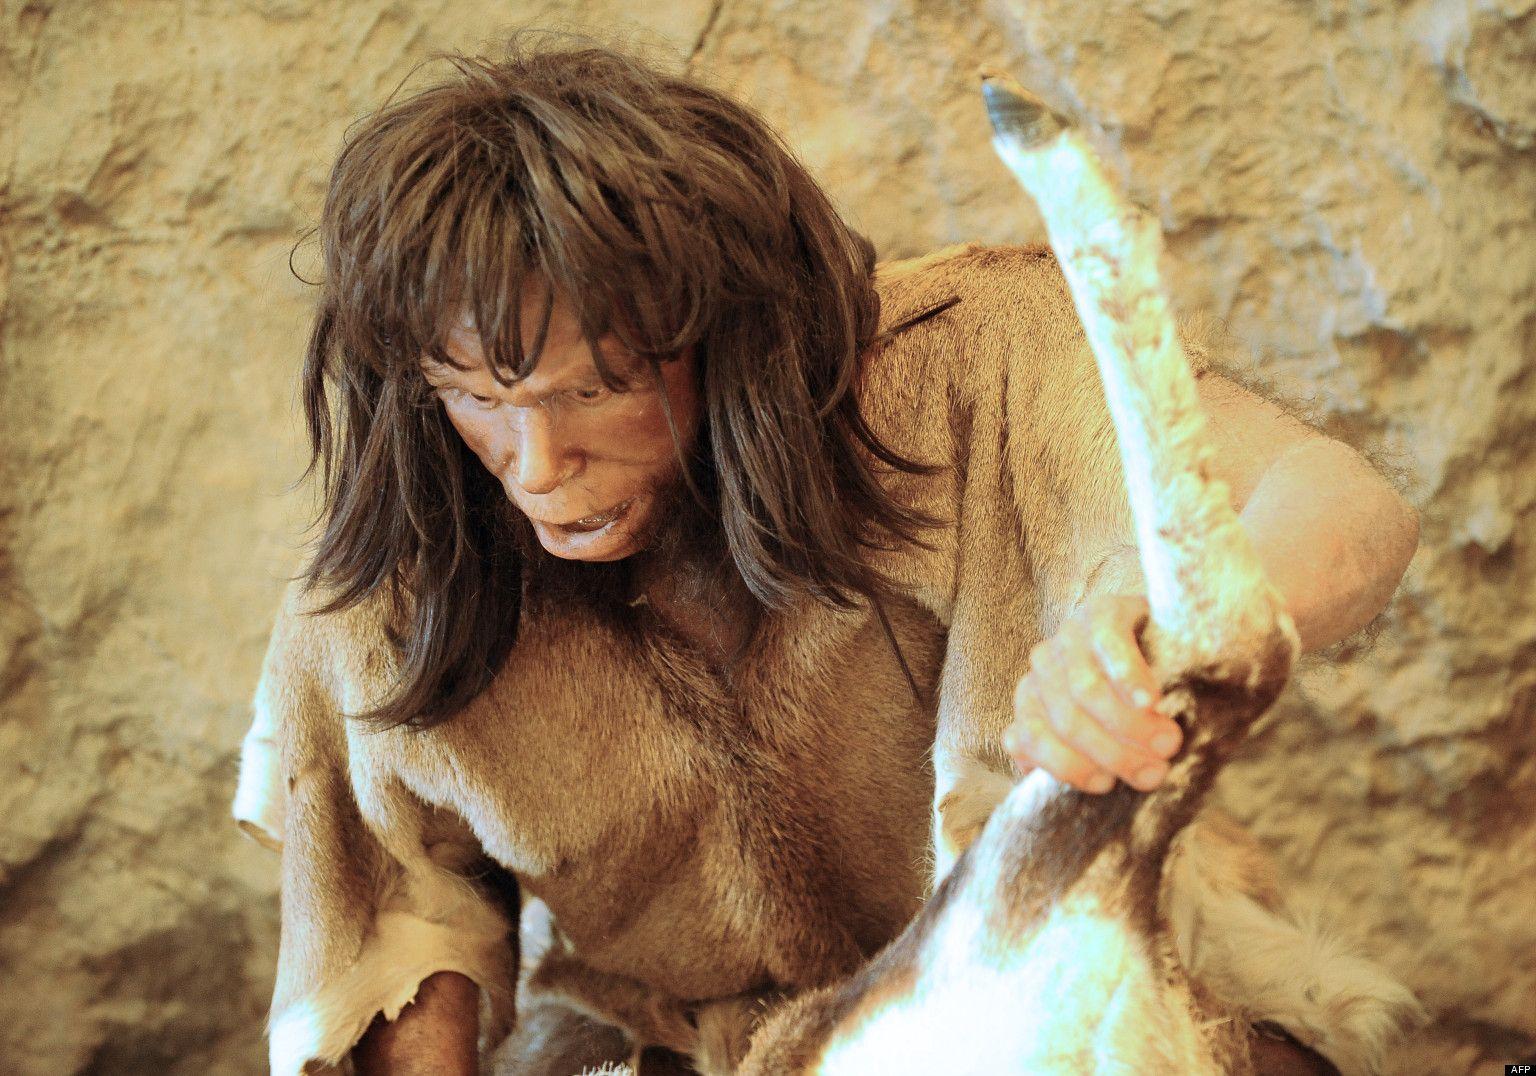 Homme Prehistorique La Coiffure A La Prehistoire Est Hirsute Et Longue Mal Coiffe Les Hommes Porte La Barbe Lon Homme Prehistorique Prehistorique Prehistoire